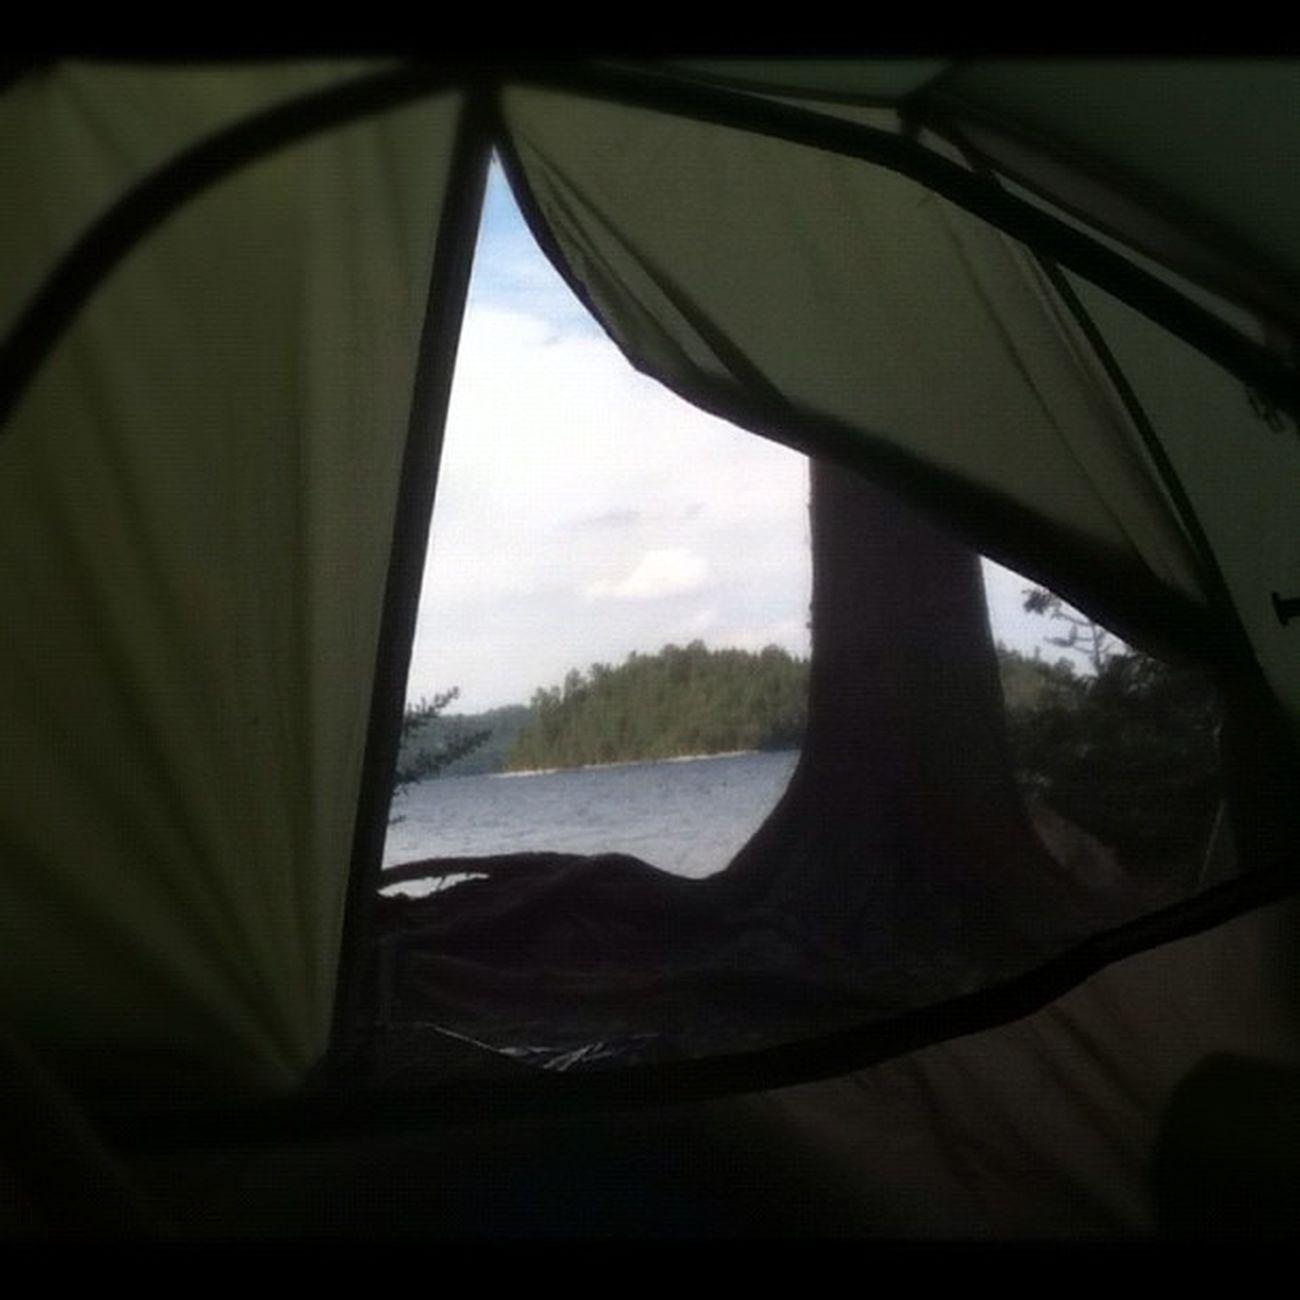 Msr Tent Tente Outdooring niceday sun sunporn ignation instagramer jj